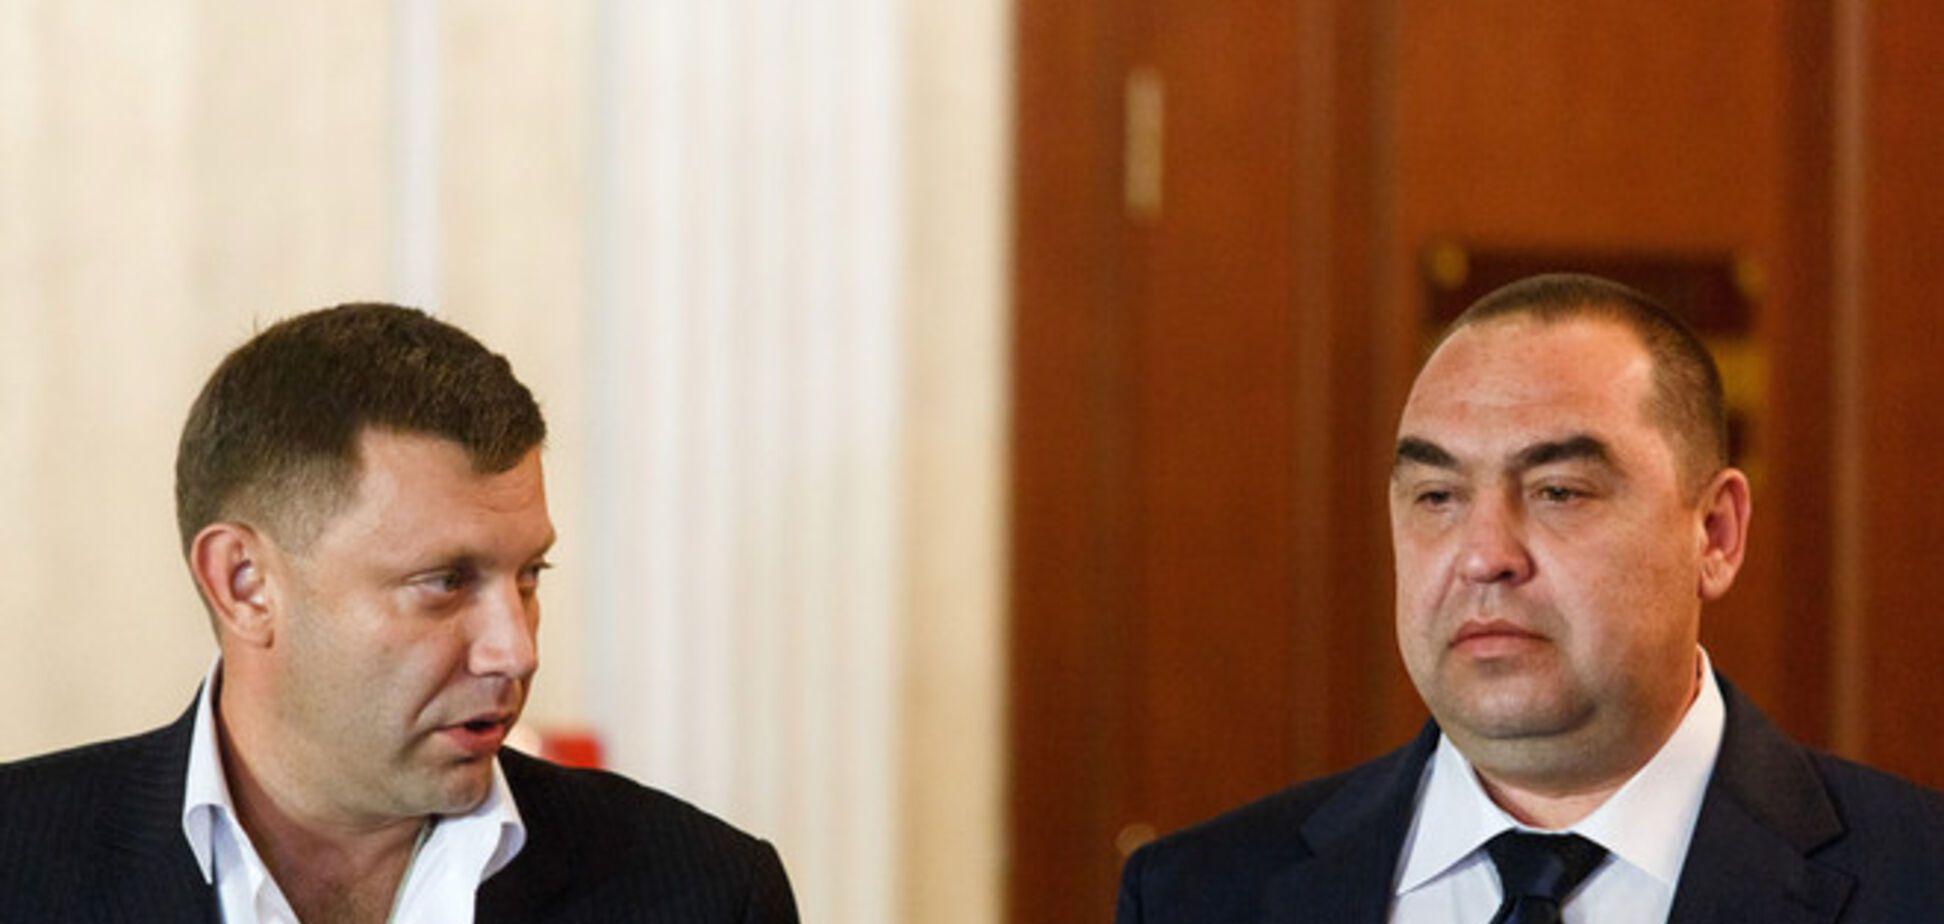 Главари 'ДНР' и 'ЛНР' сорвали подписание согласованного на минских переговорах документа - СМИ